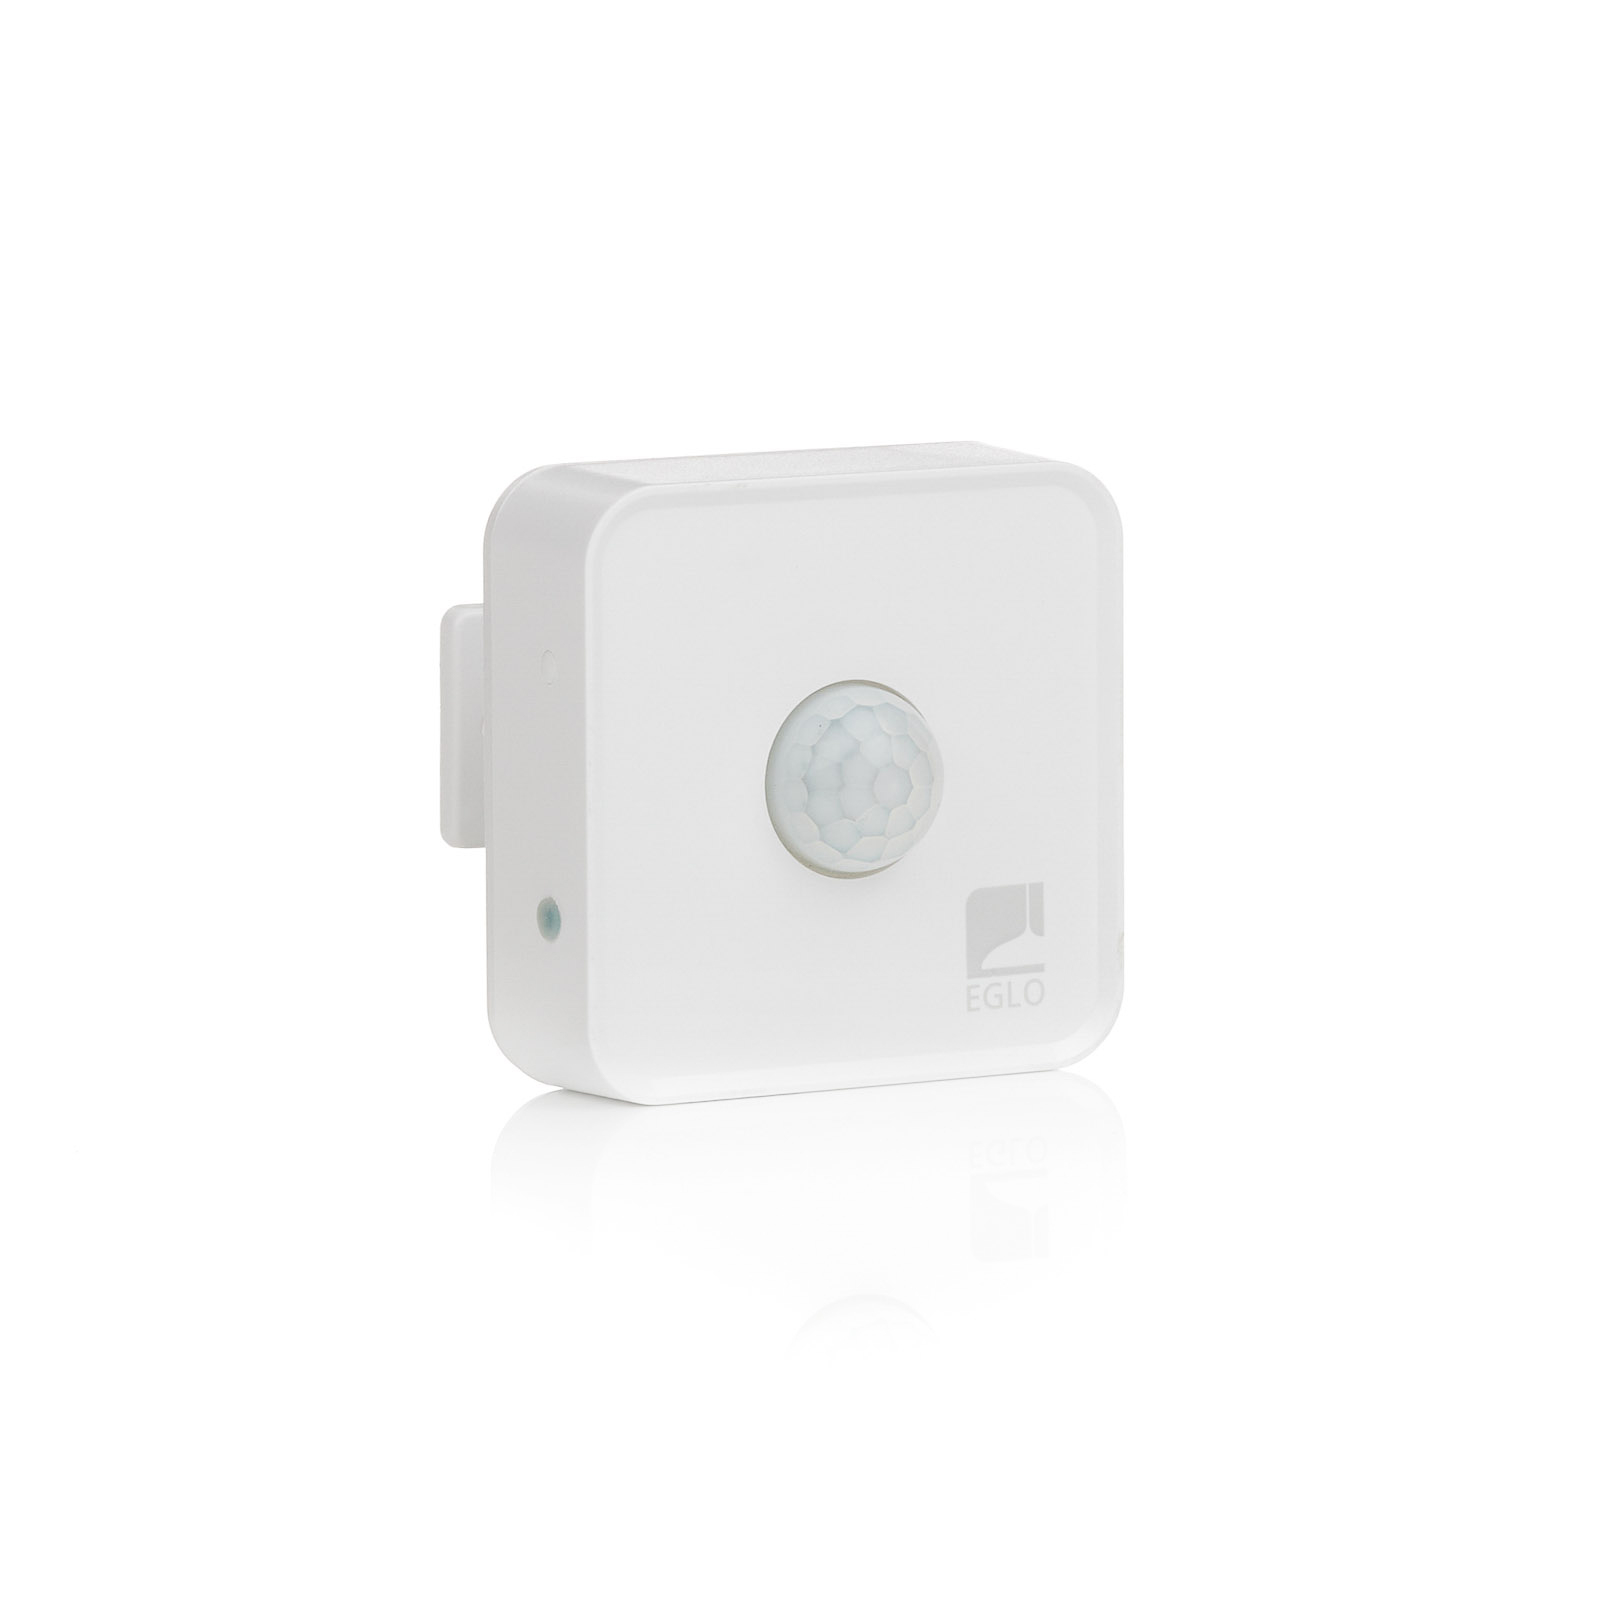 EGLO connect Sensor für den Außenbereich IP44